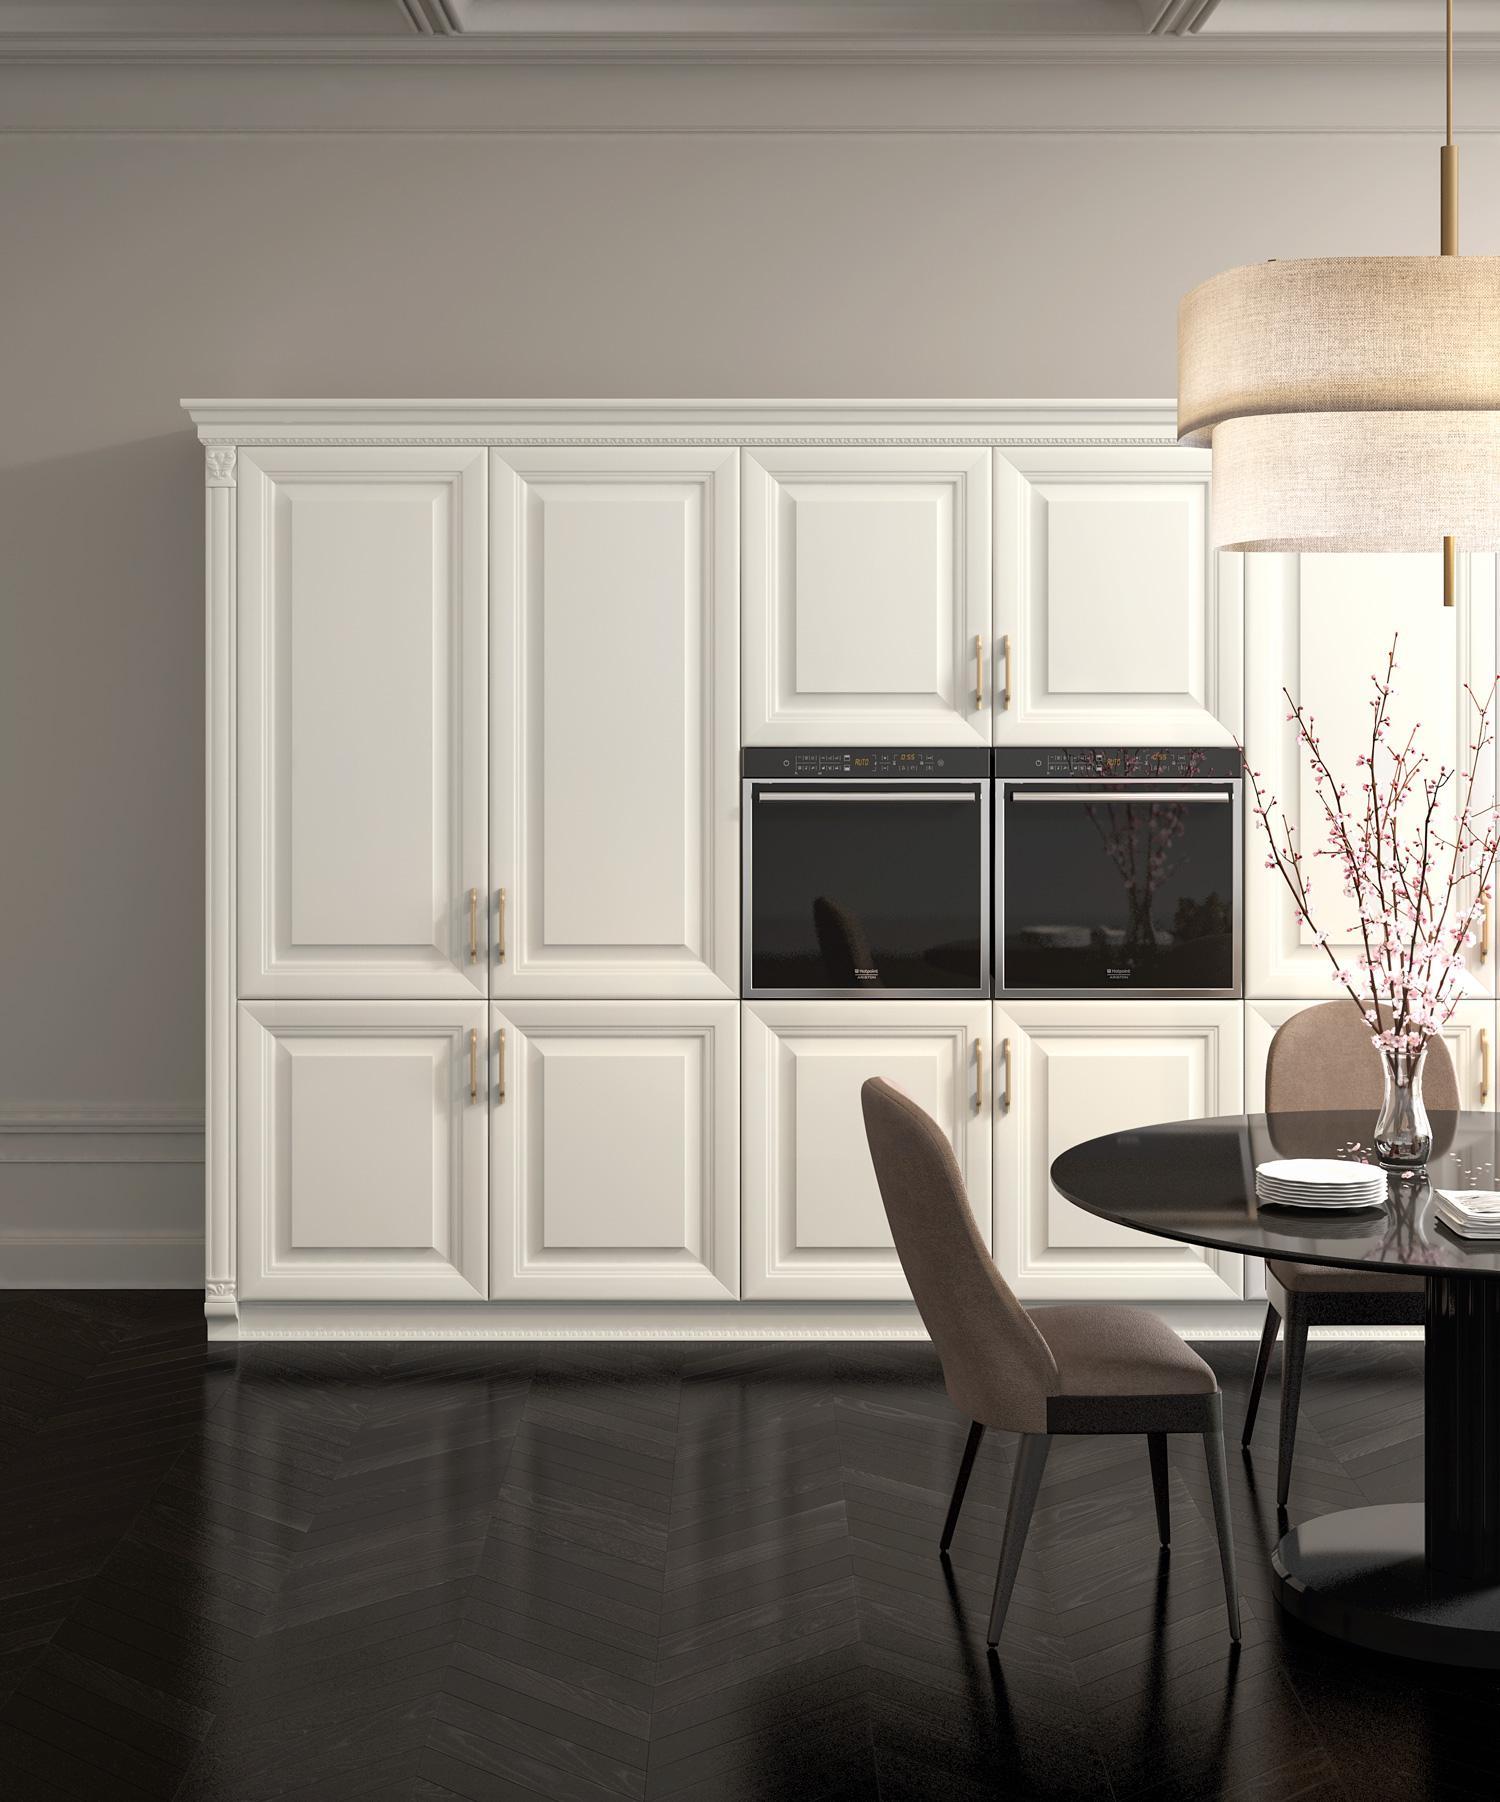 Λευκή ματ κουζίνα με σκαλίσματα κολόνες συσκευών